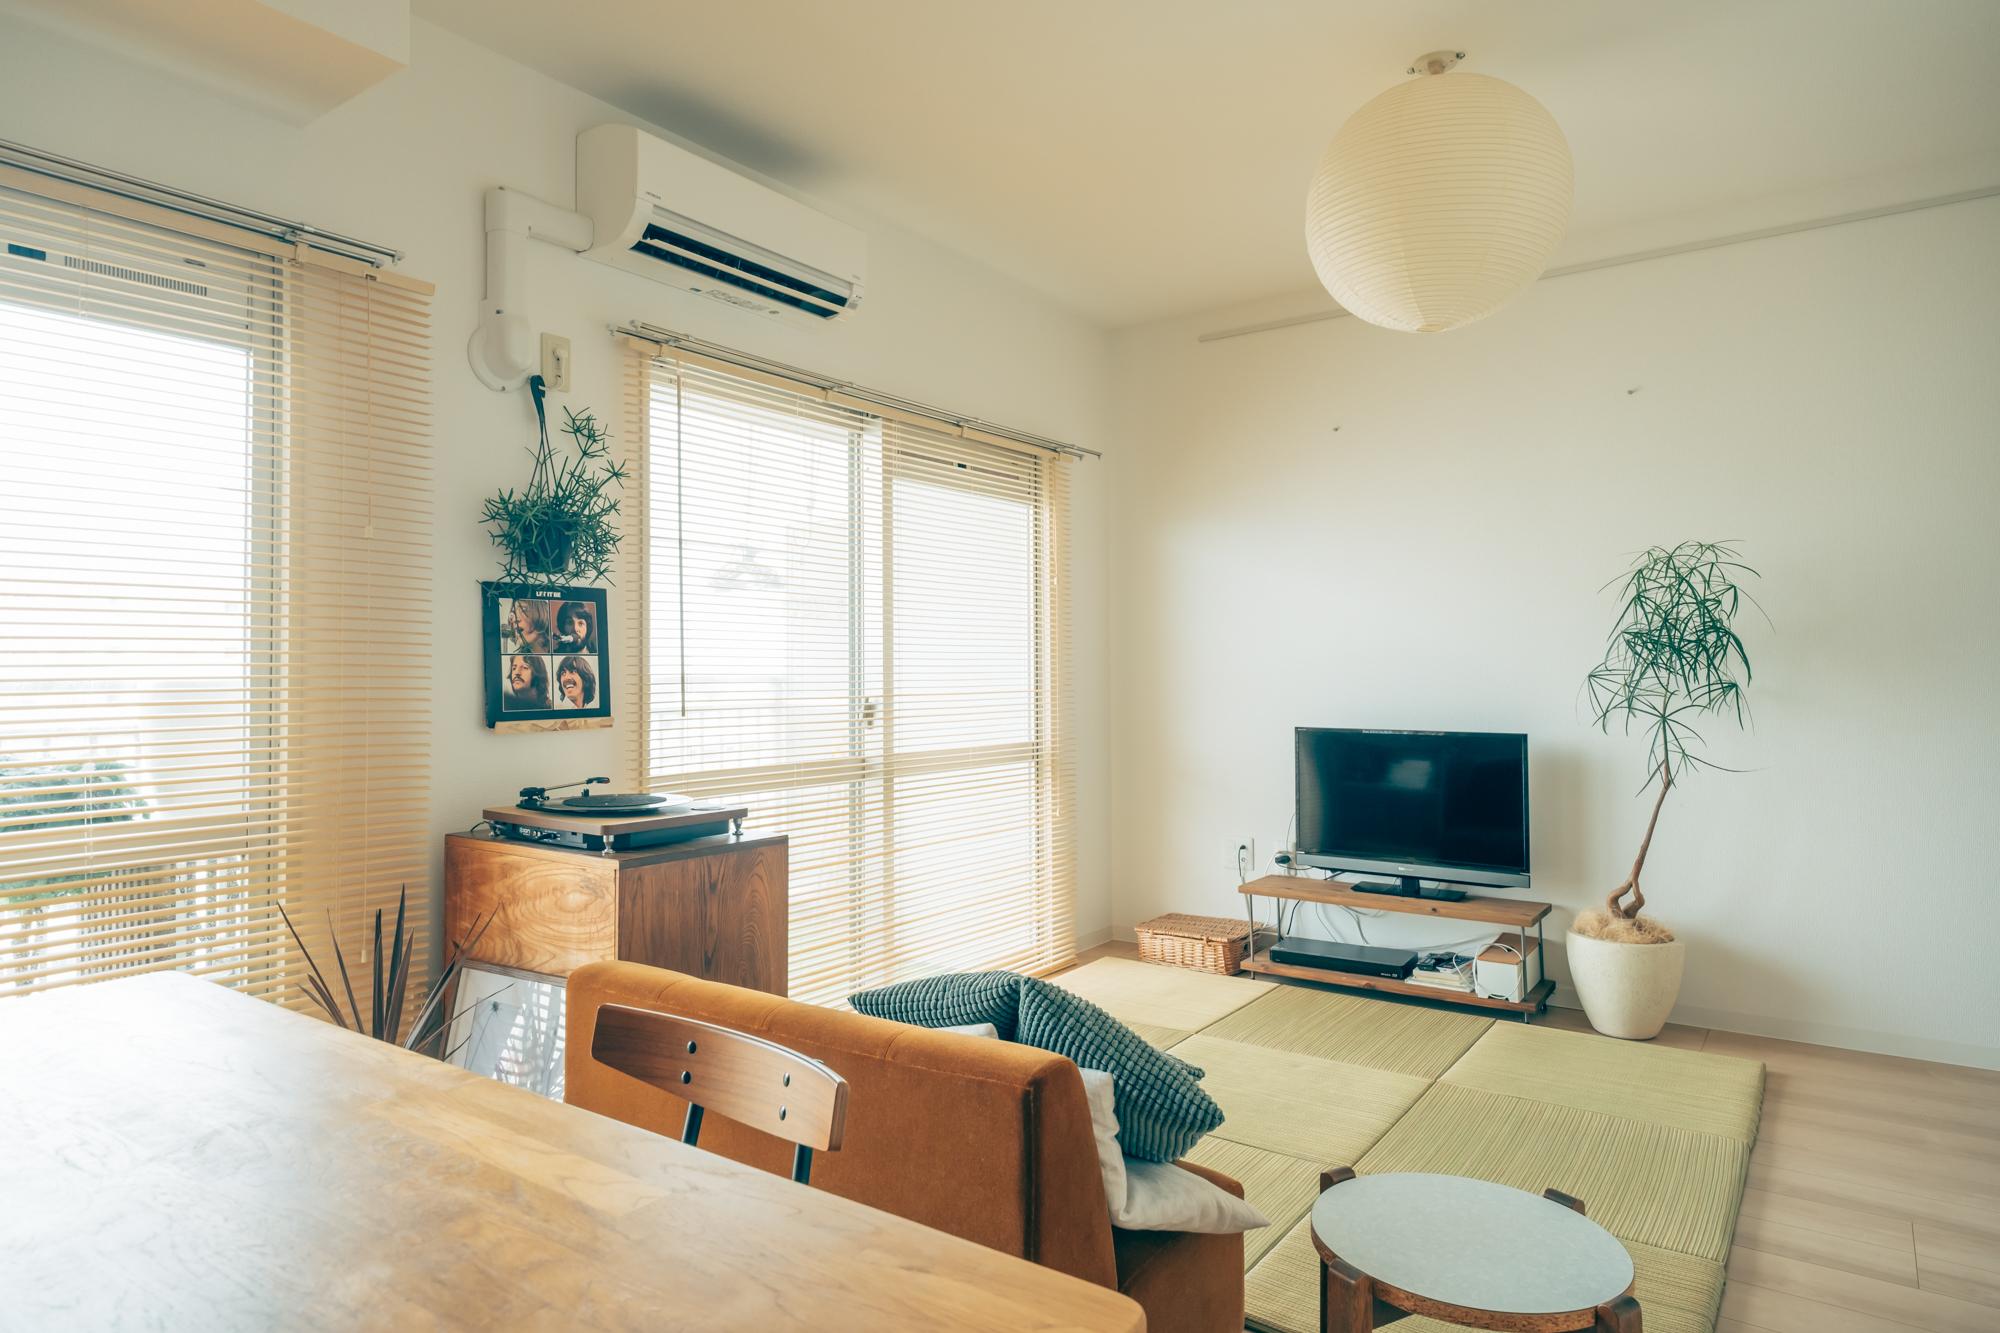 リビングには置き畳と、照明にはイサムノグチの「AKARI」をチョイス。和紙風の色味のブラインドが和の雰囲気によくマッチしています。日差しが調節できるところがお気に入りポイントだそう。